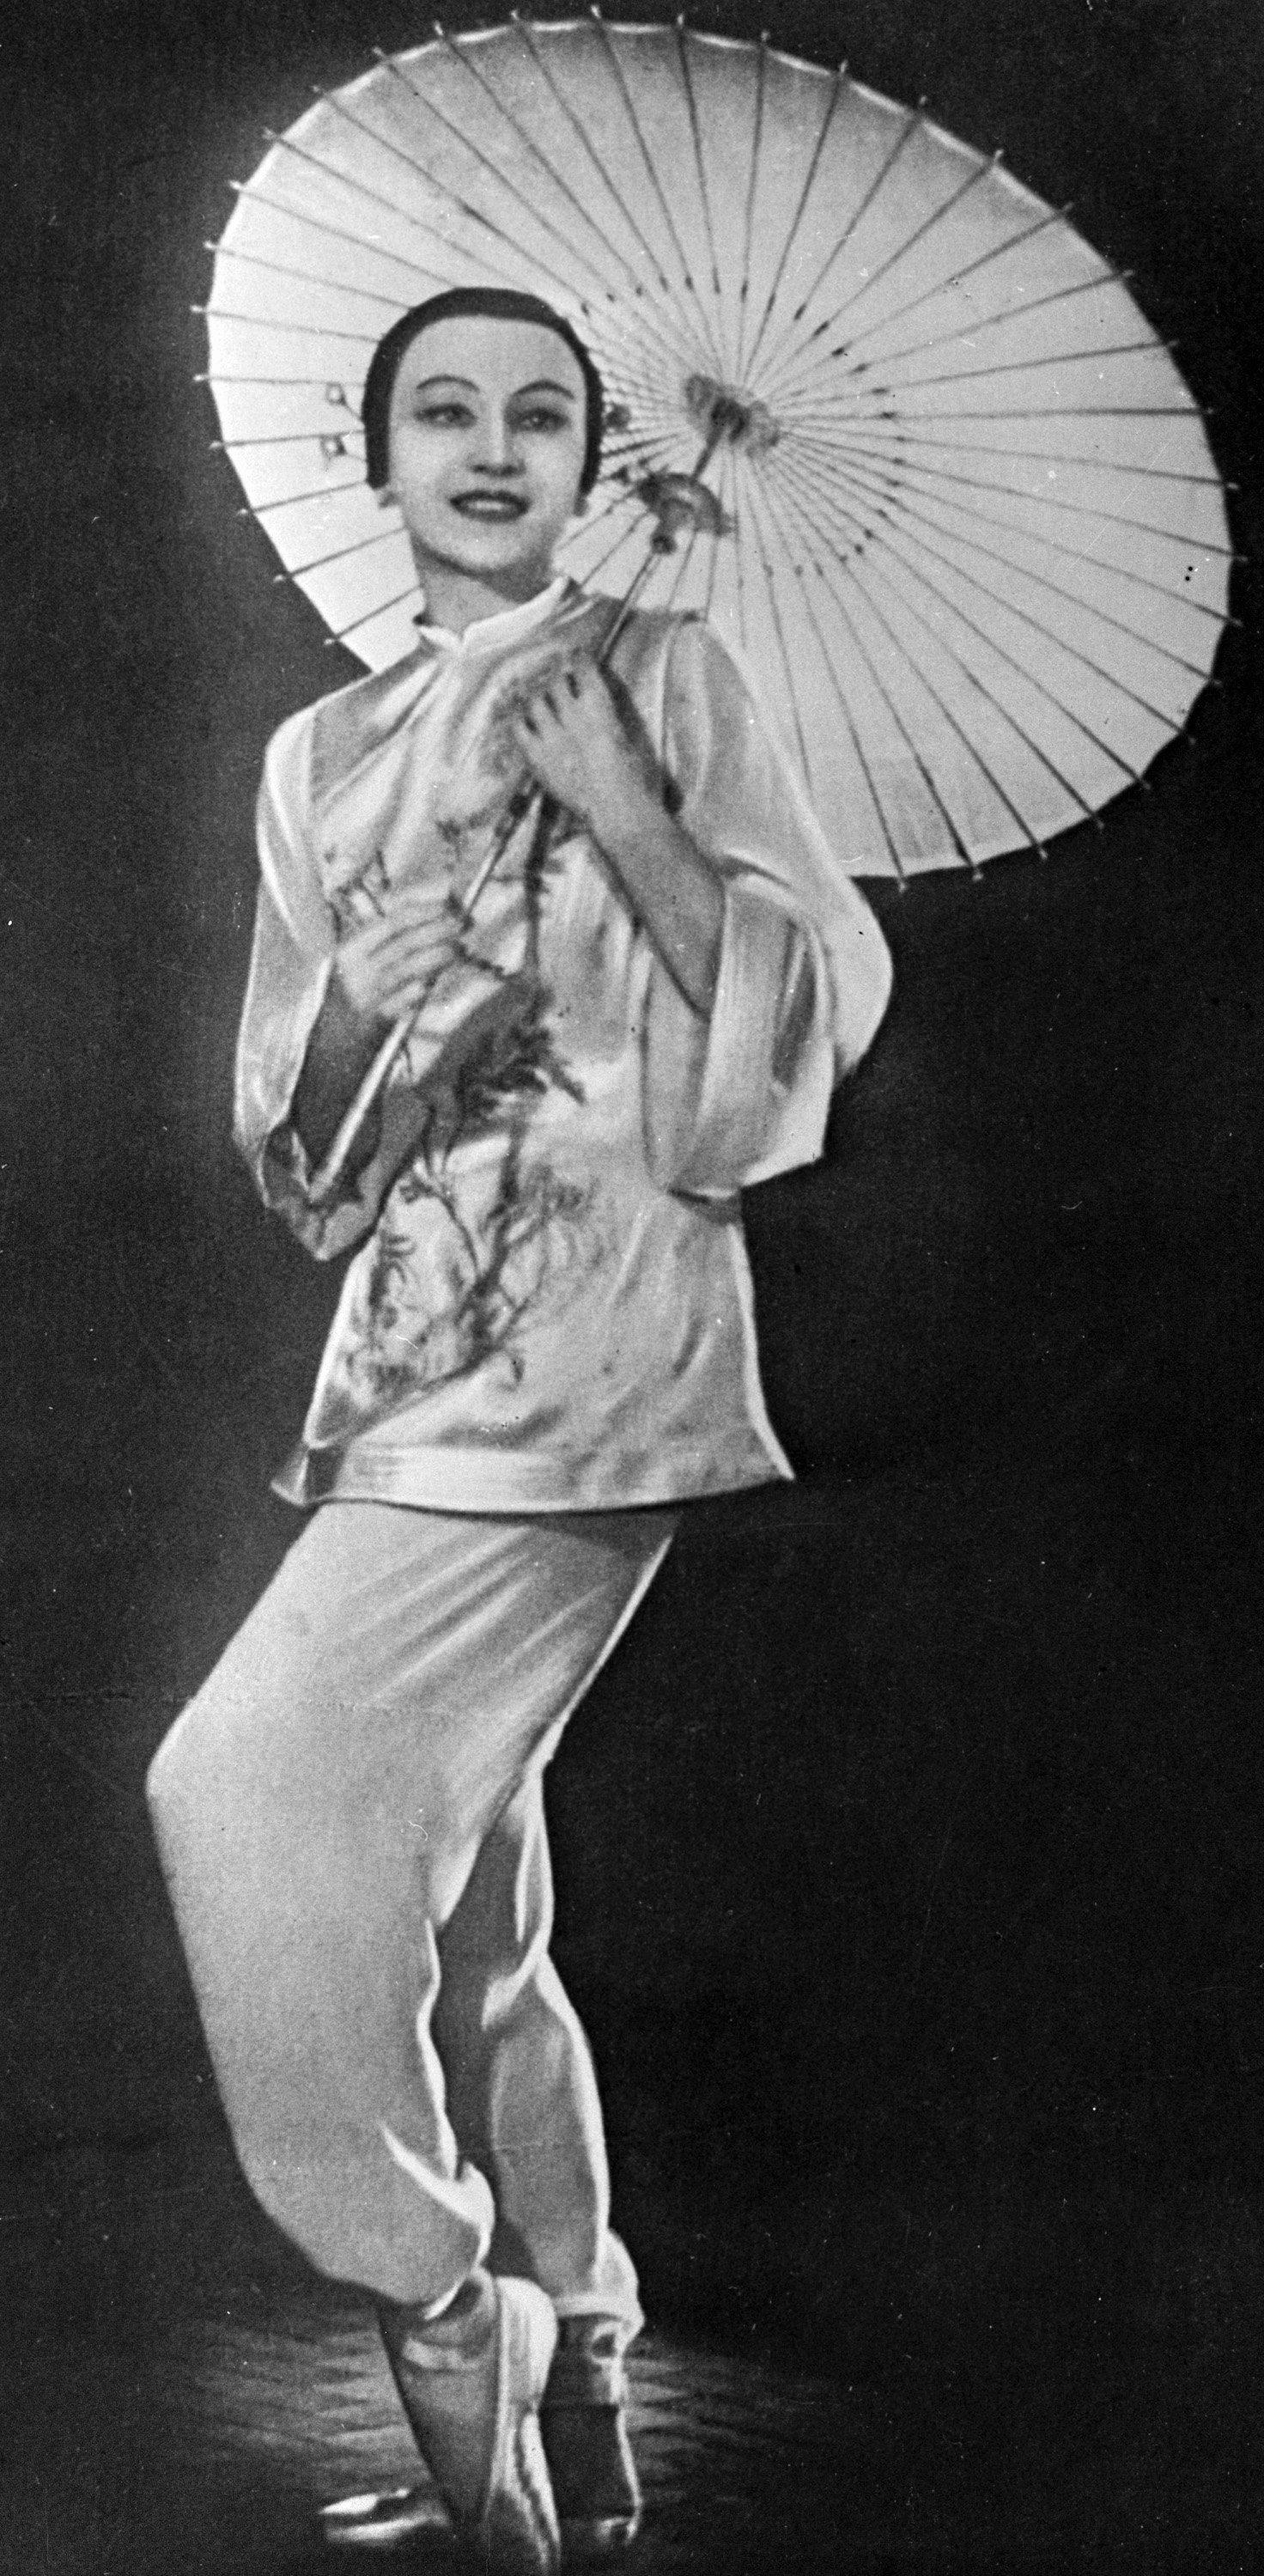 """გალინა ულანოვა ჩინელი მოცეკვავის, ტაო ხოას როლში, სცენა ბალეტიდან """"წითელი ყვავილი"""""""